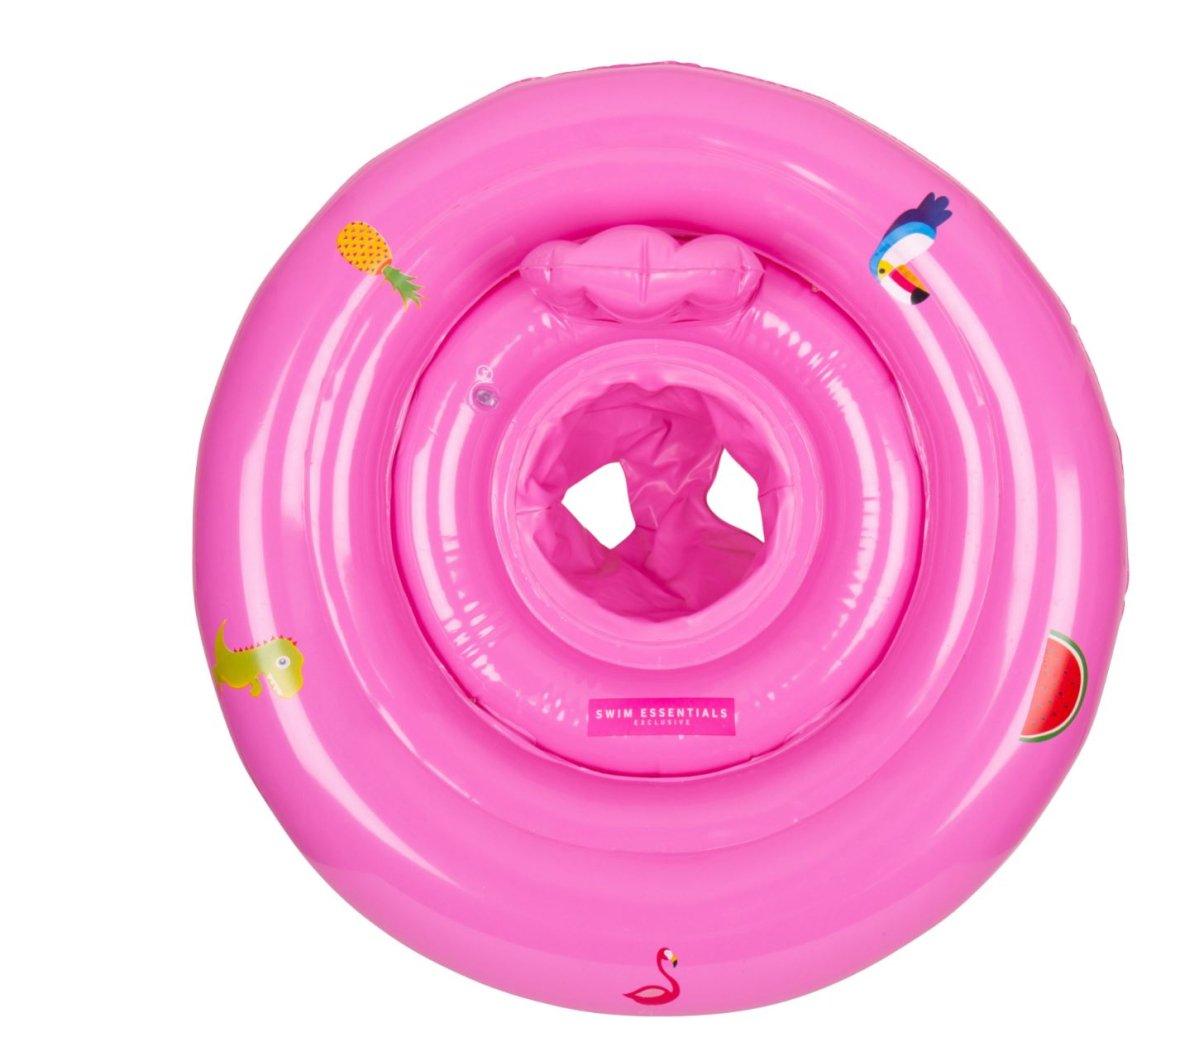 Fauteuil de piscine gonflable pour bébés Rose